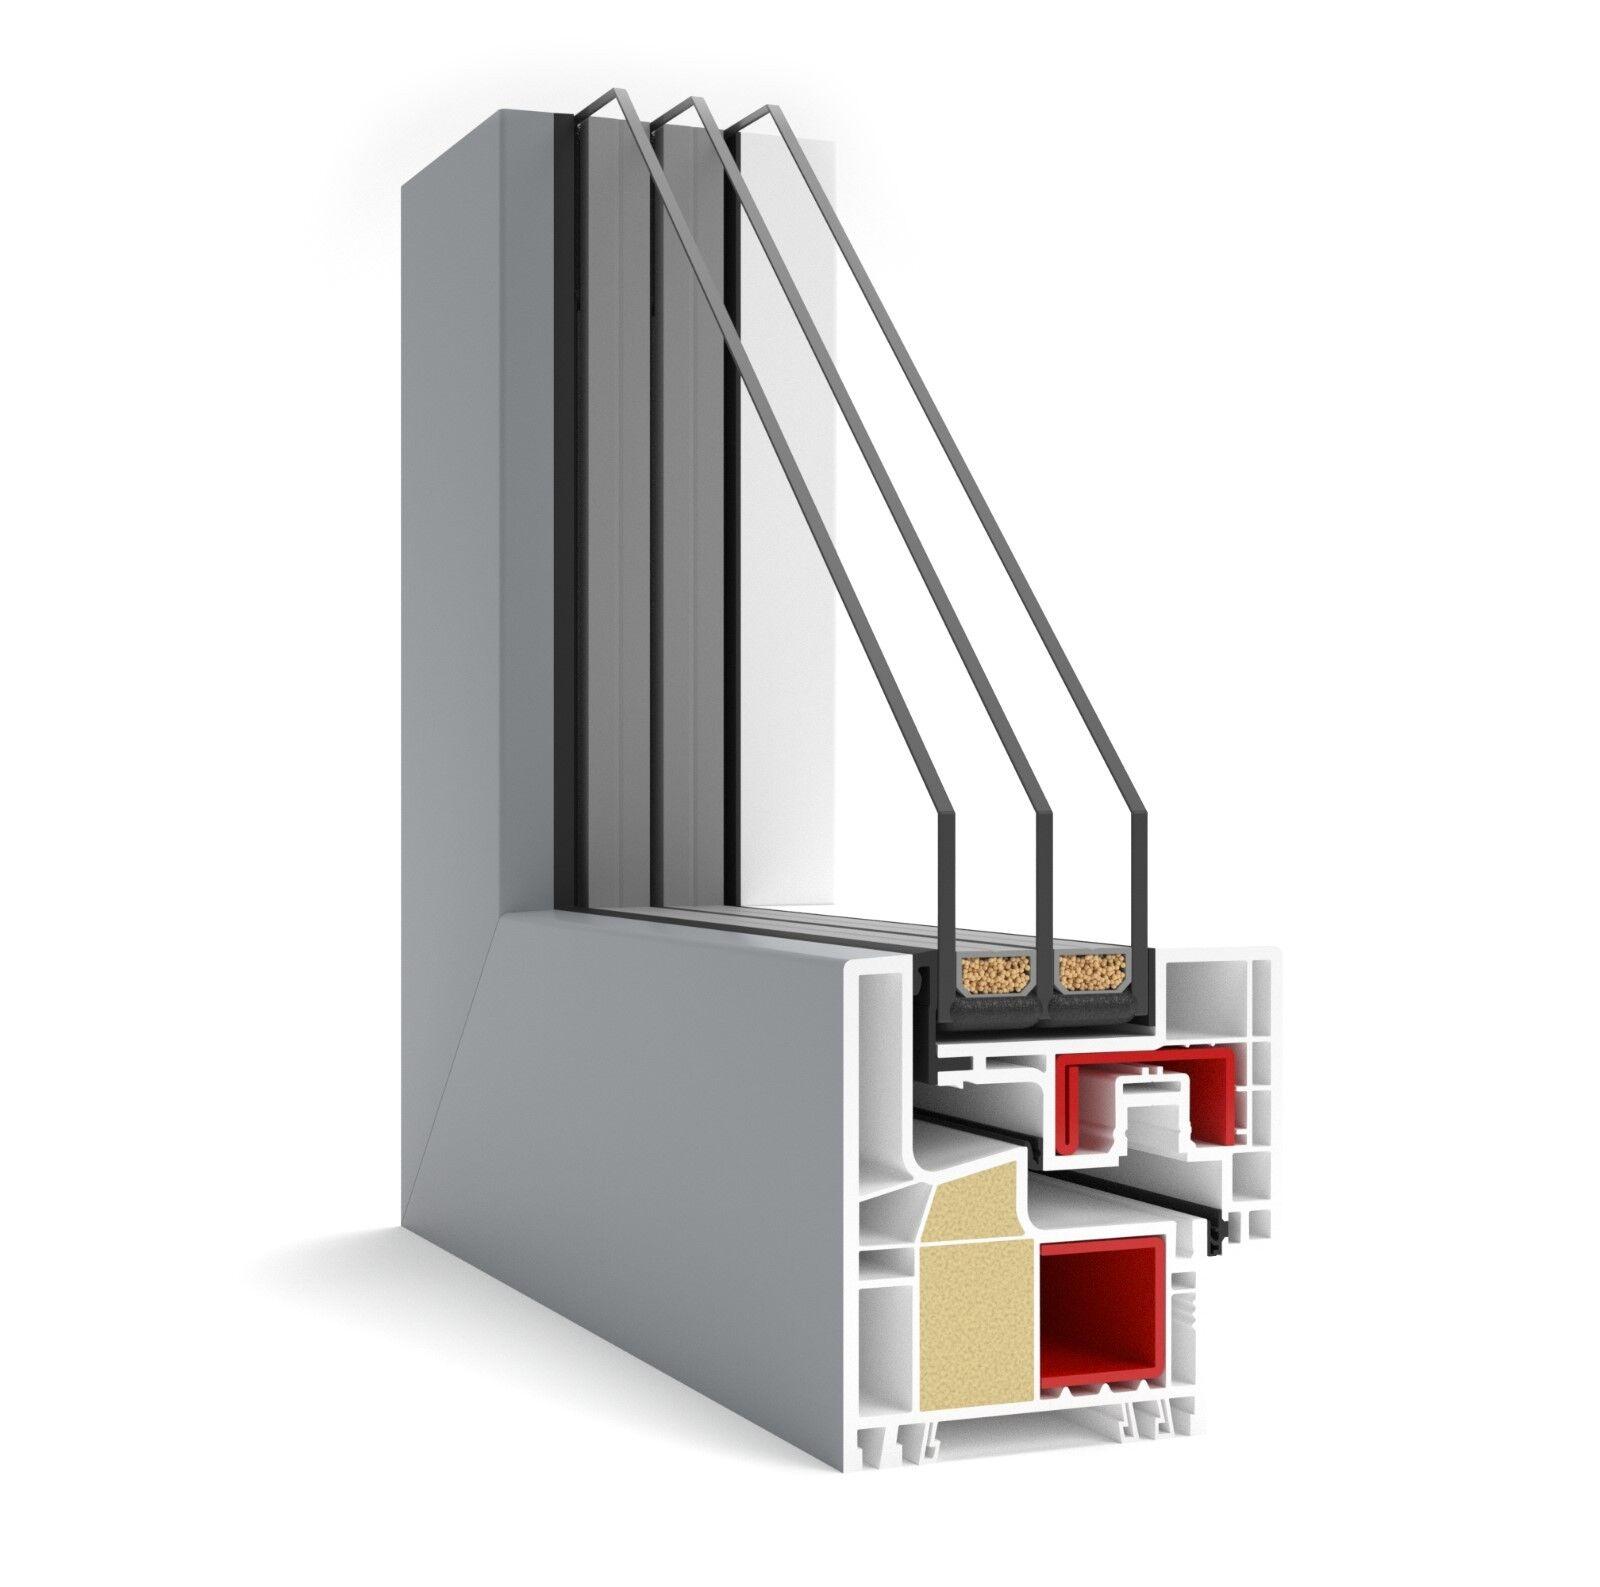 Kunststoff-Fenster Gealan Kubus aus Polen Preiswerte Fenster